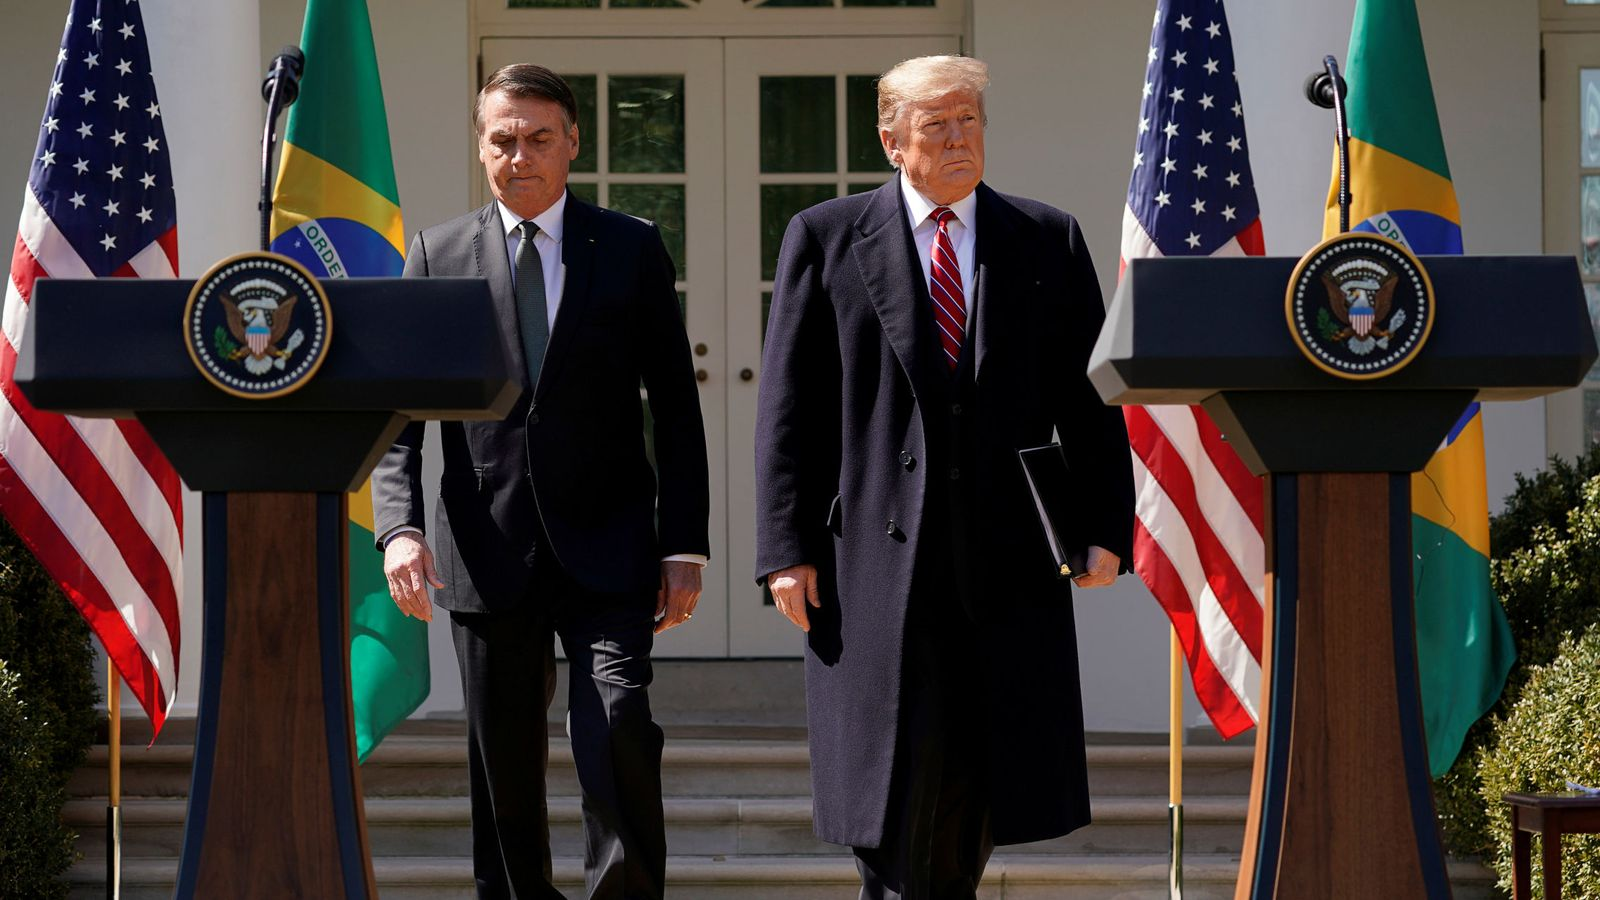 Foto: Los presidentes Jair Bolsonaro y Donald Trump durante la rueda de prensa conjunta en el jardín de la Casa Blanca, el 19 de marzo de 2019. (Reuters)